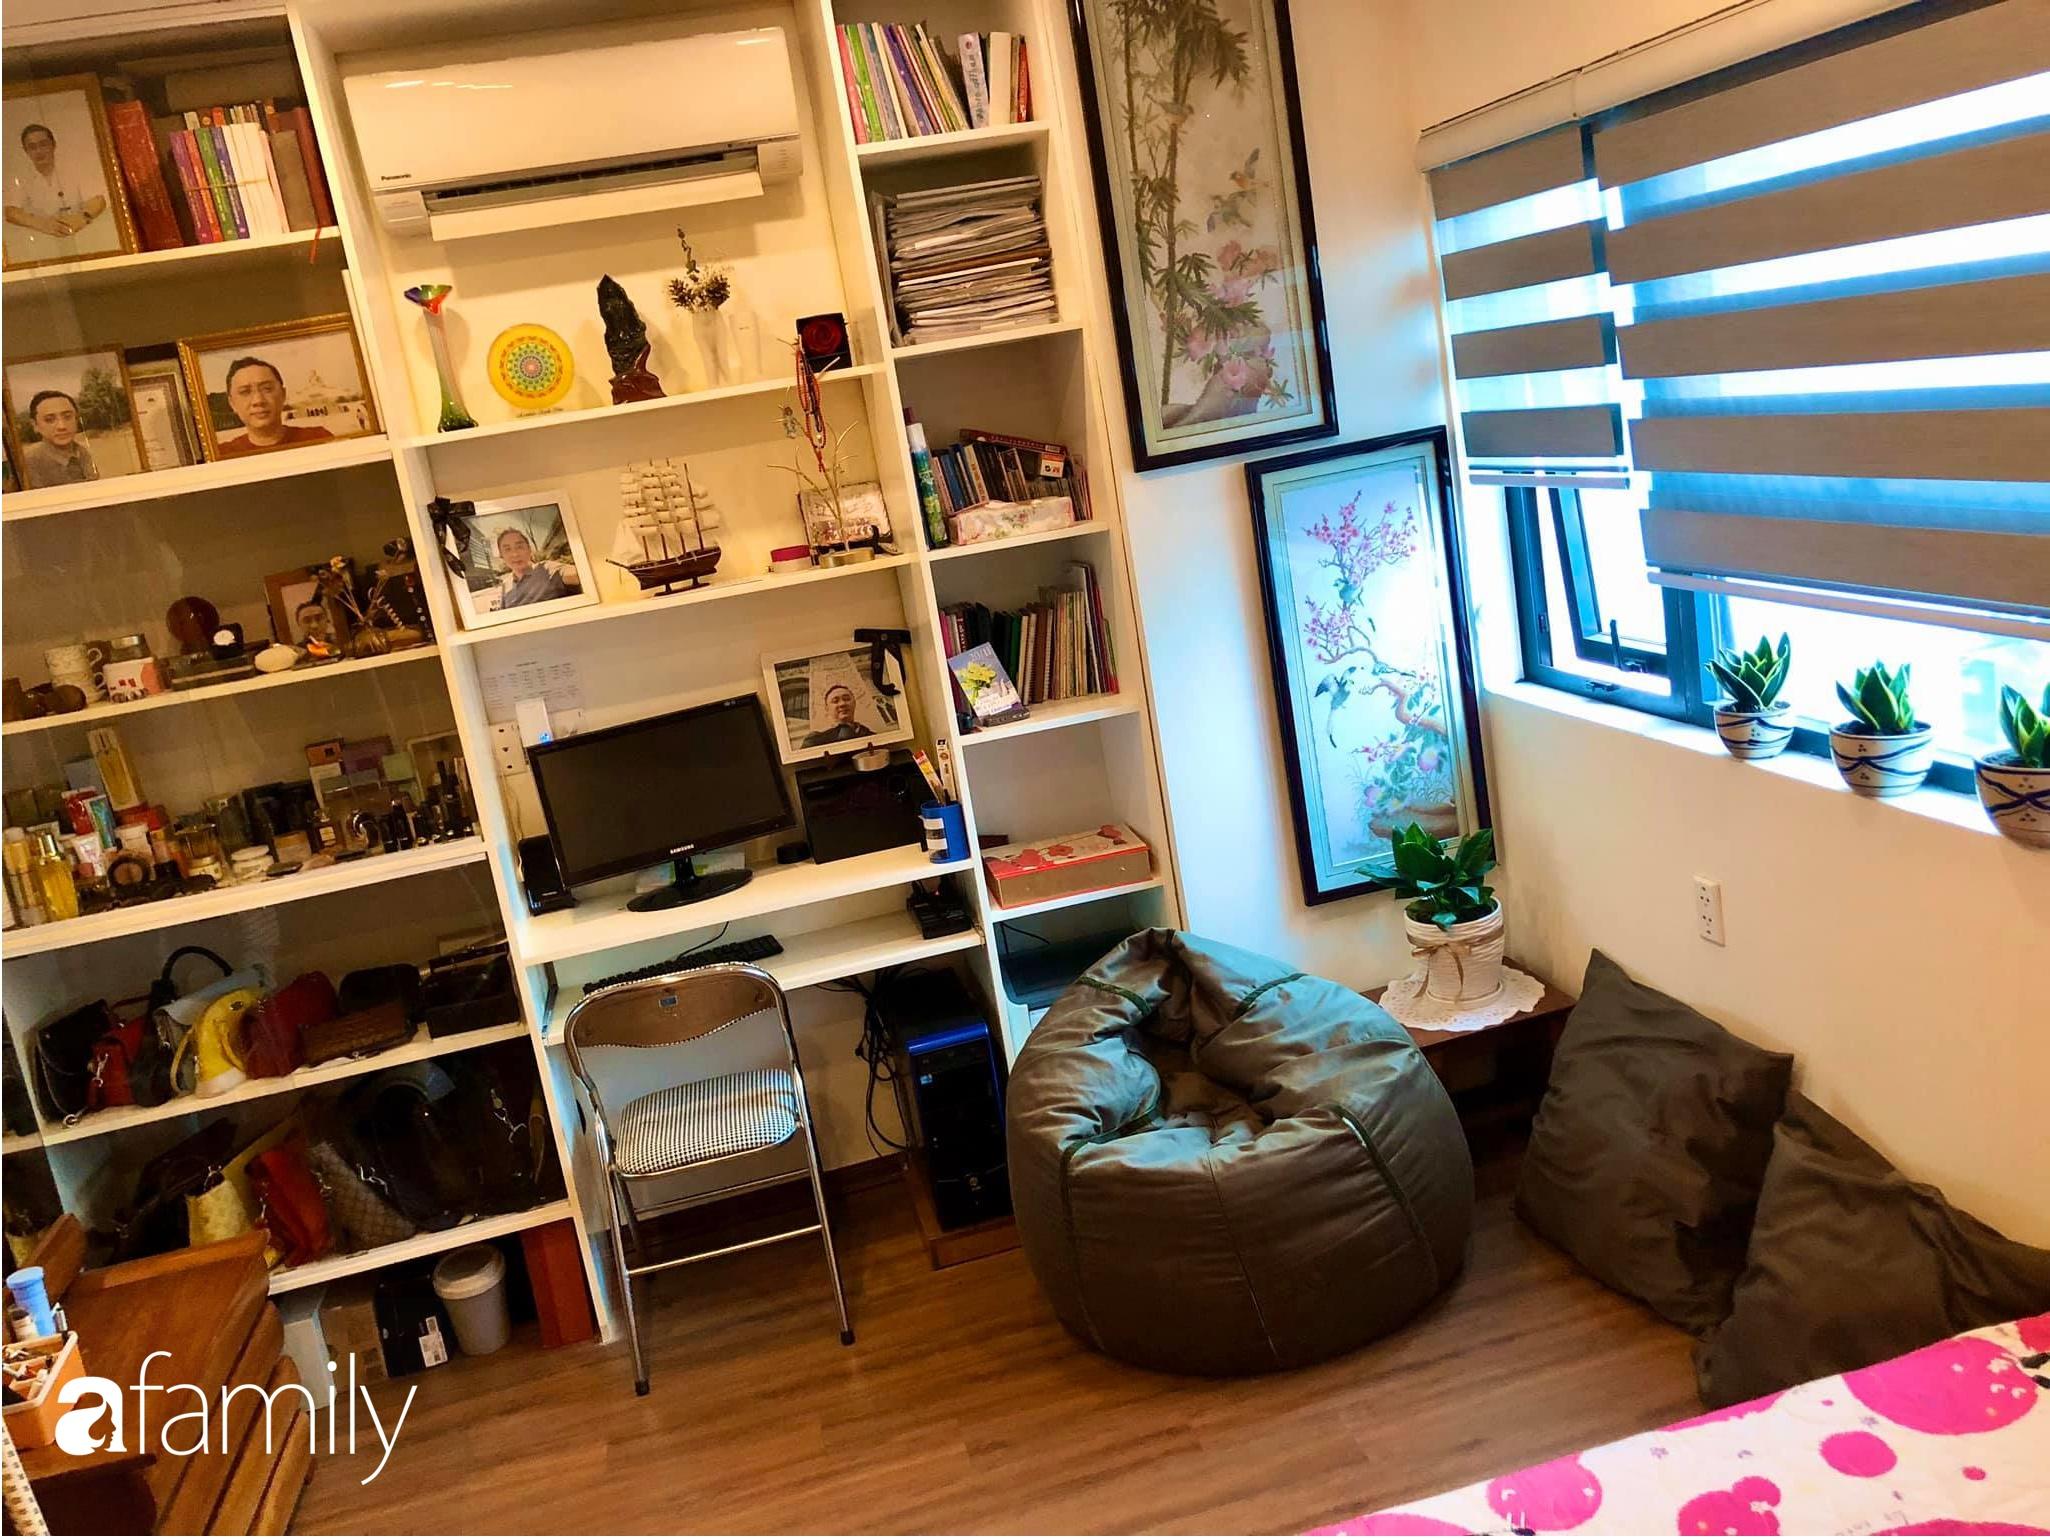 Ngắm căn hộ chung cư ngập tràn tình yêu thương và câu chuyện từ bàn tay chăm chút của người mẹ tảo tần tại Quảng Ninh - Ảnh 7.